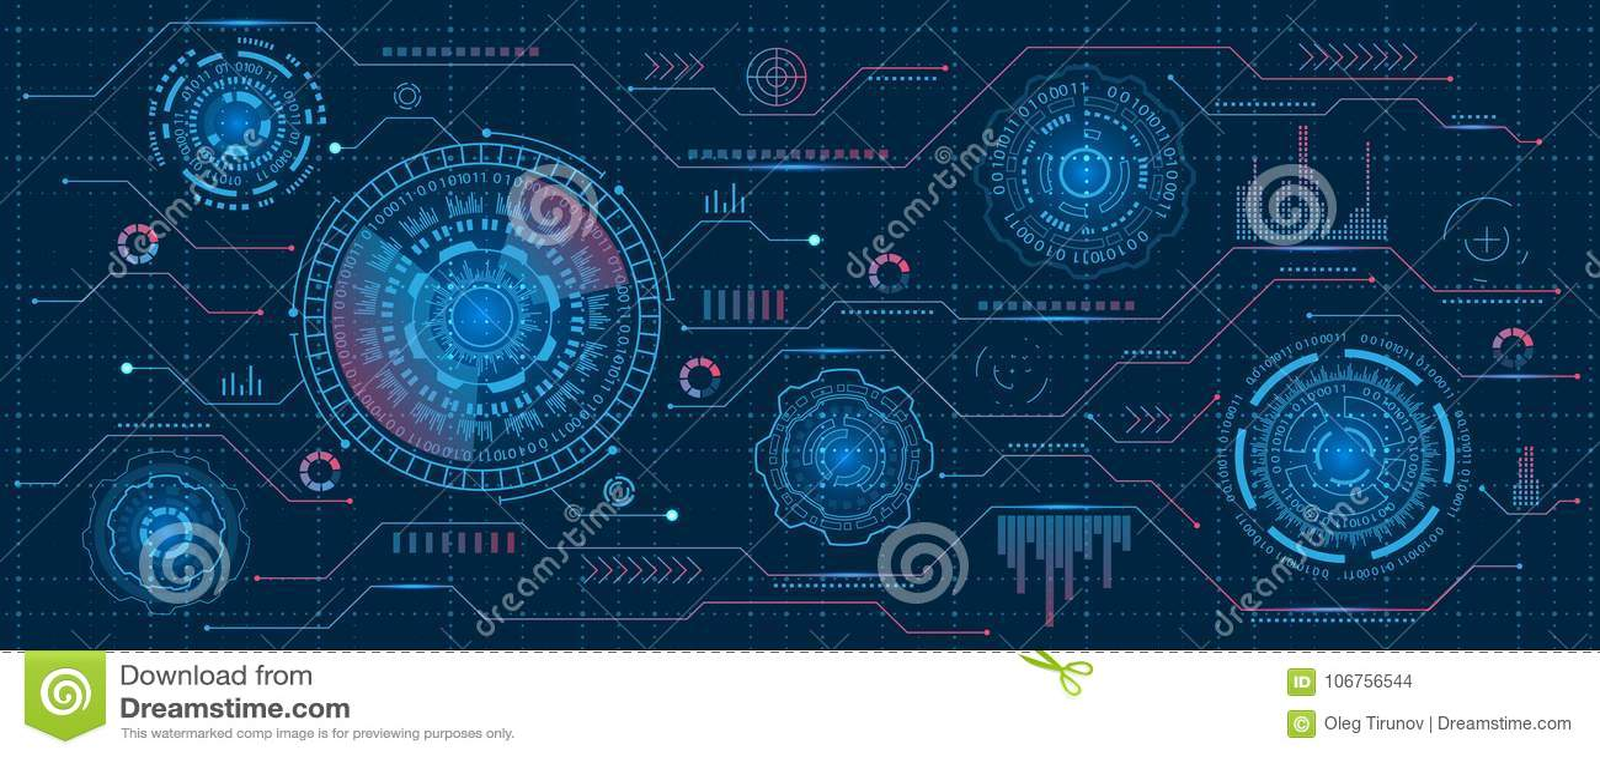 Futuristische Schnittstelle Hud Design, Infographic-Elemente, Technologie und Wissenschaft, Analyse-Thema, Schablone UI für APP u